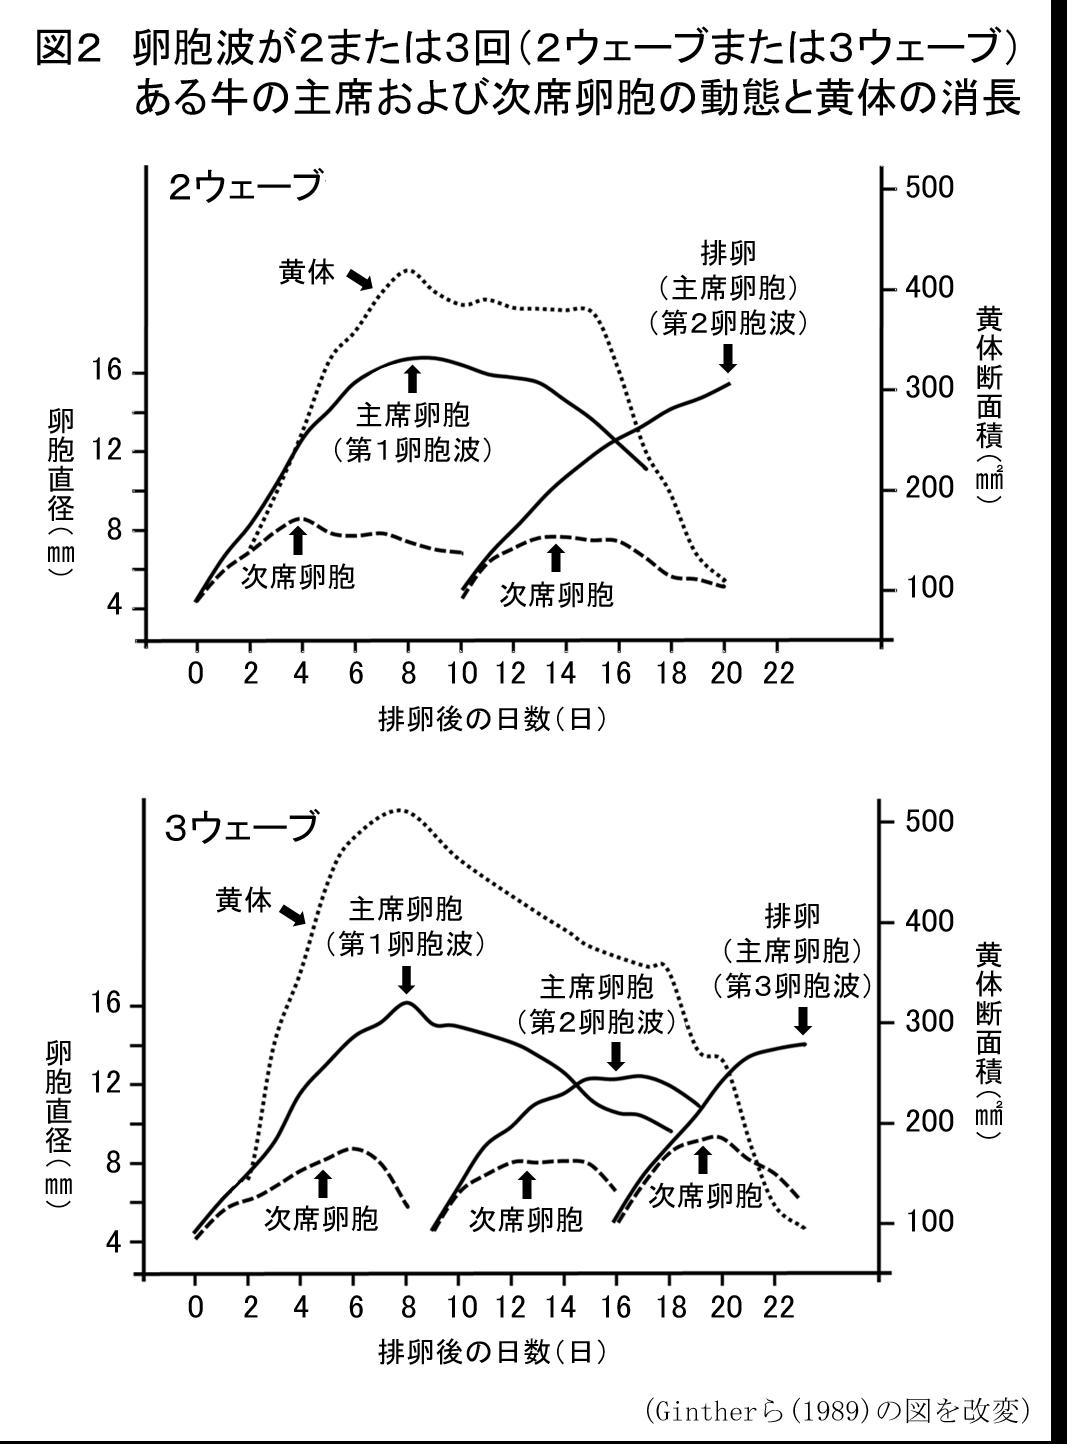 牛の繁殖管理の理論と実際 ≪第3回≫牛の発情周期における卵胞波